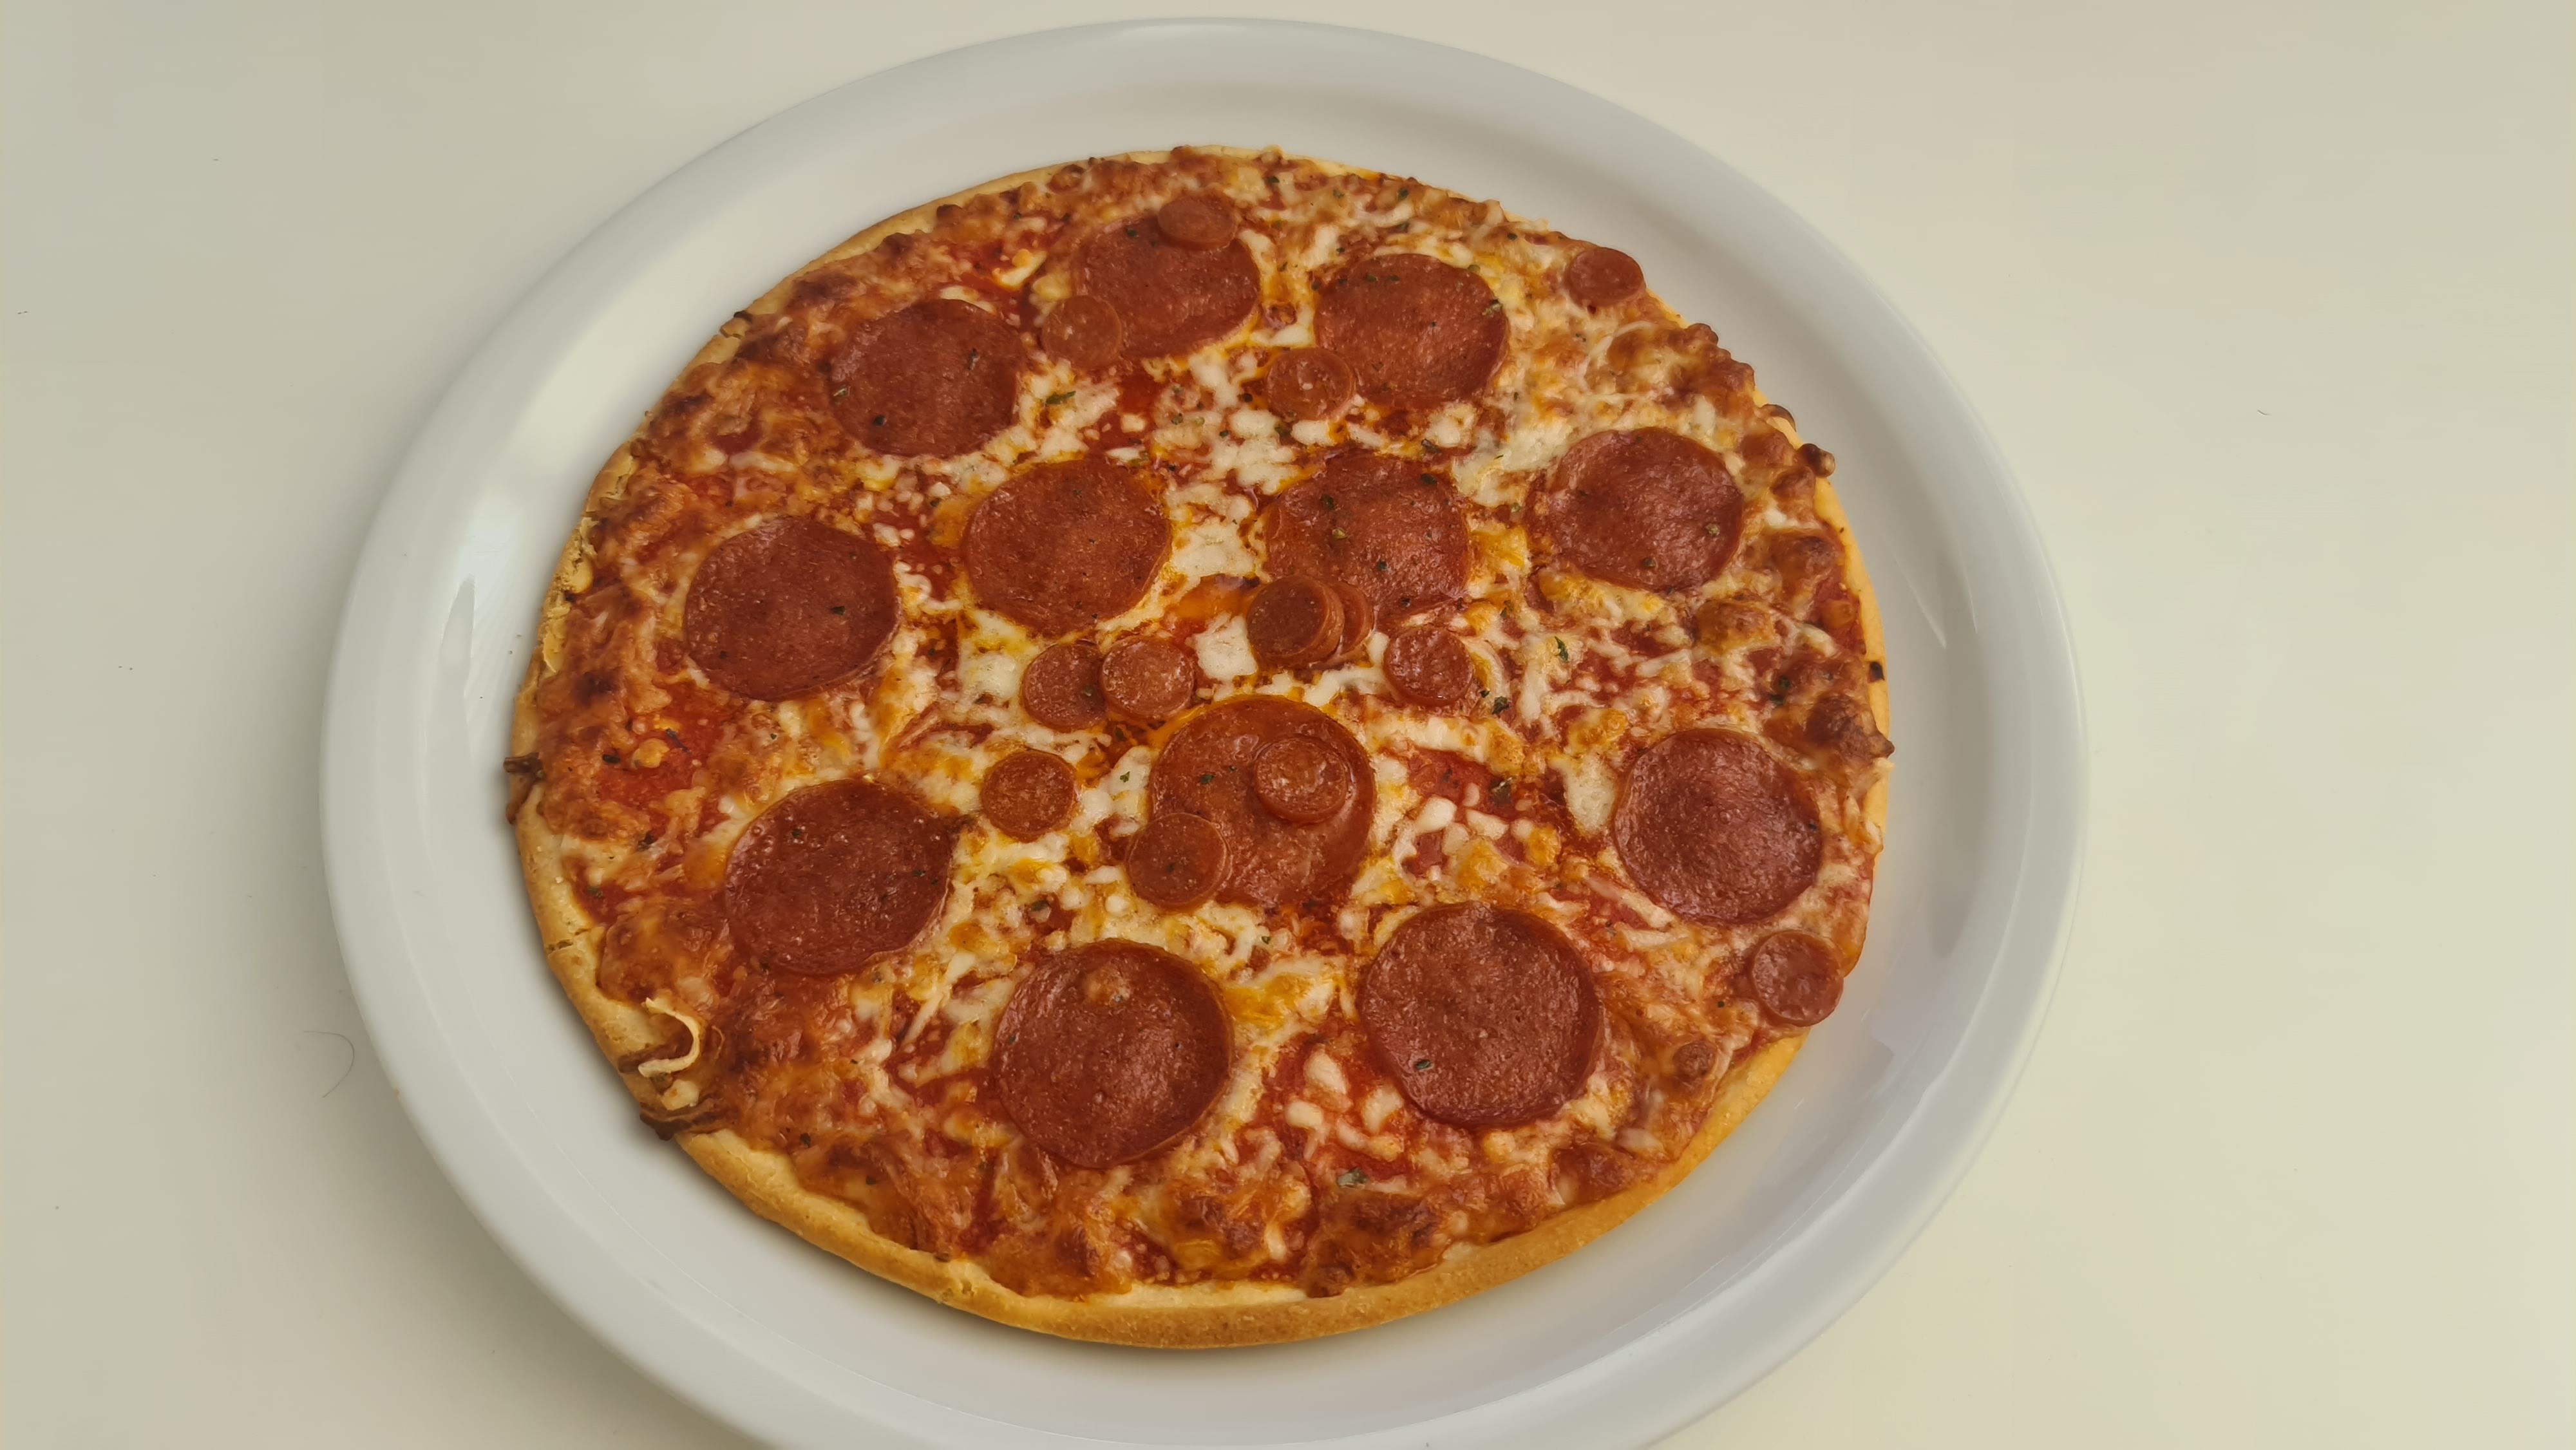 https://foodloader.net/Holz_2020-04-29_Pizza.jpg